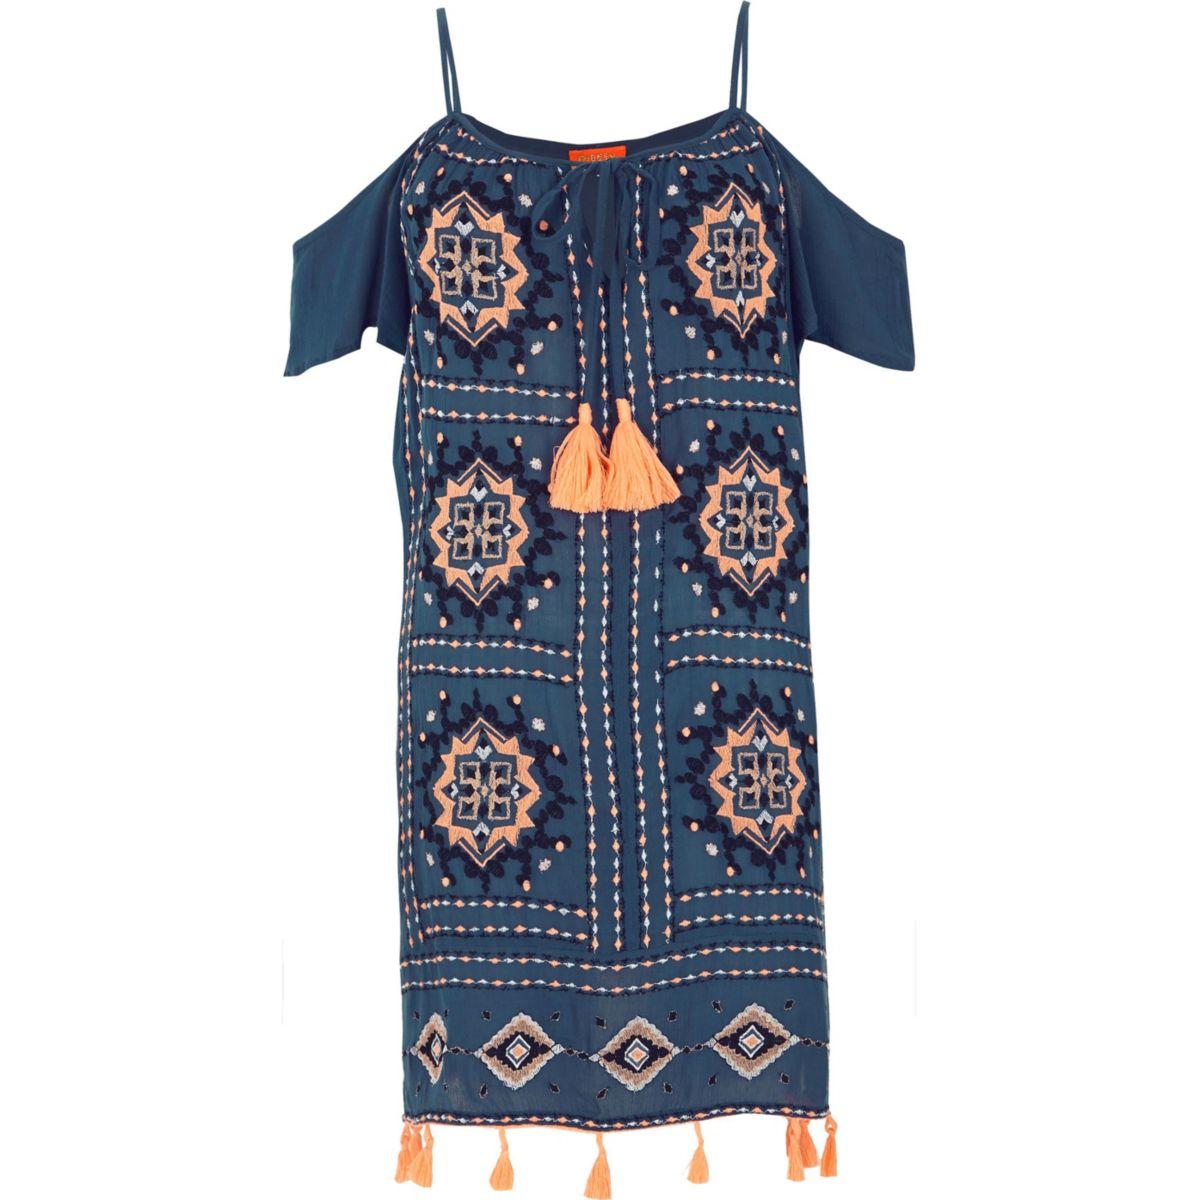 Navy embroidered tassel trim beach dress